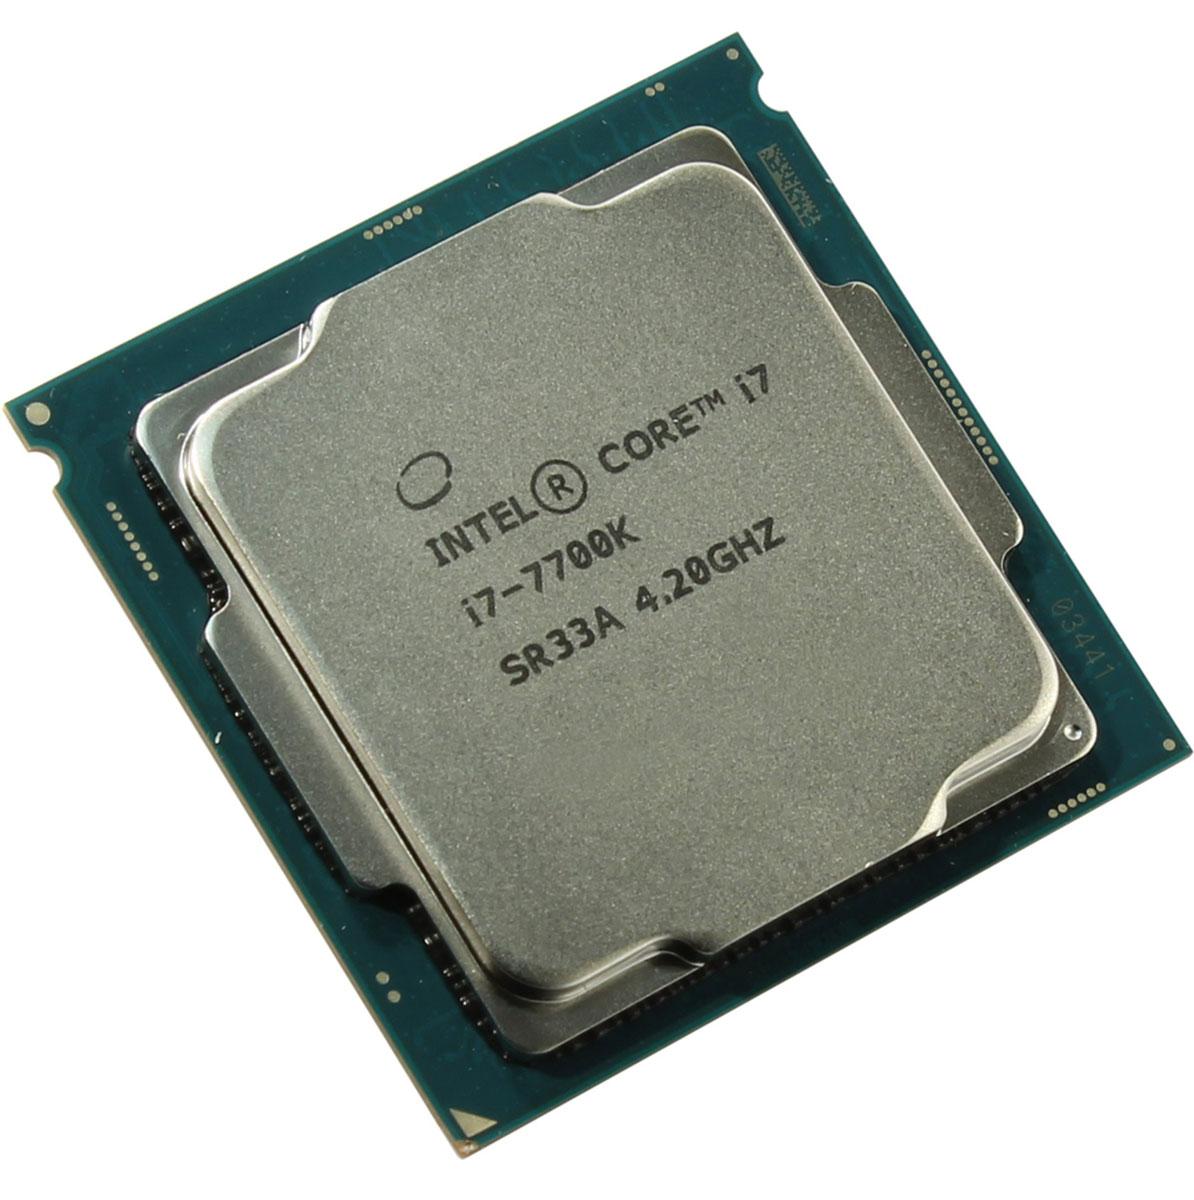 Intel Core i7-7700K процессор материнская плата asus h170m e d3 soc 1151 intel h170 4xddr3 matx ac 97 8ch 7 1 gblan raid raid1 raid5 raid10 vga dvi hdmi